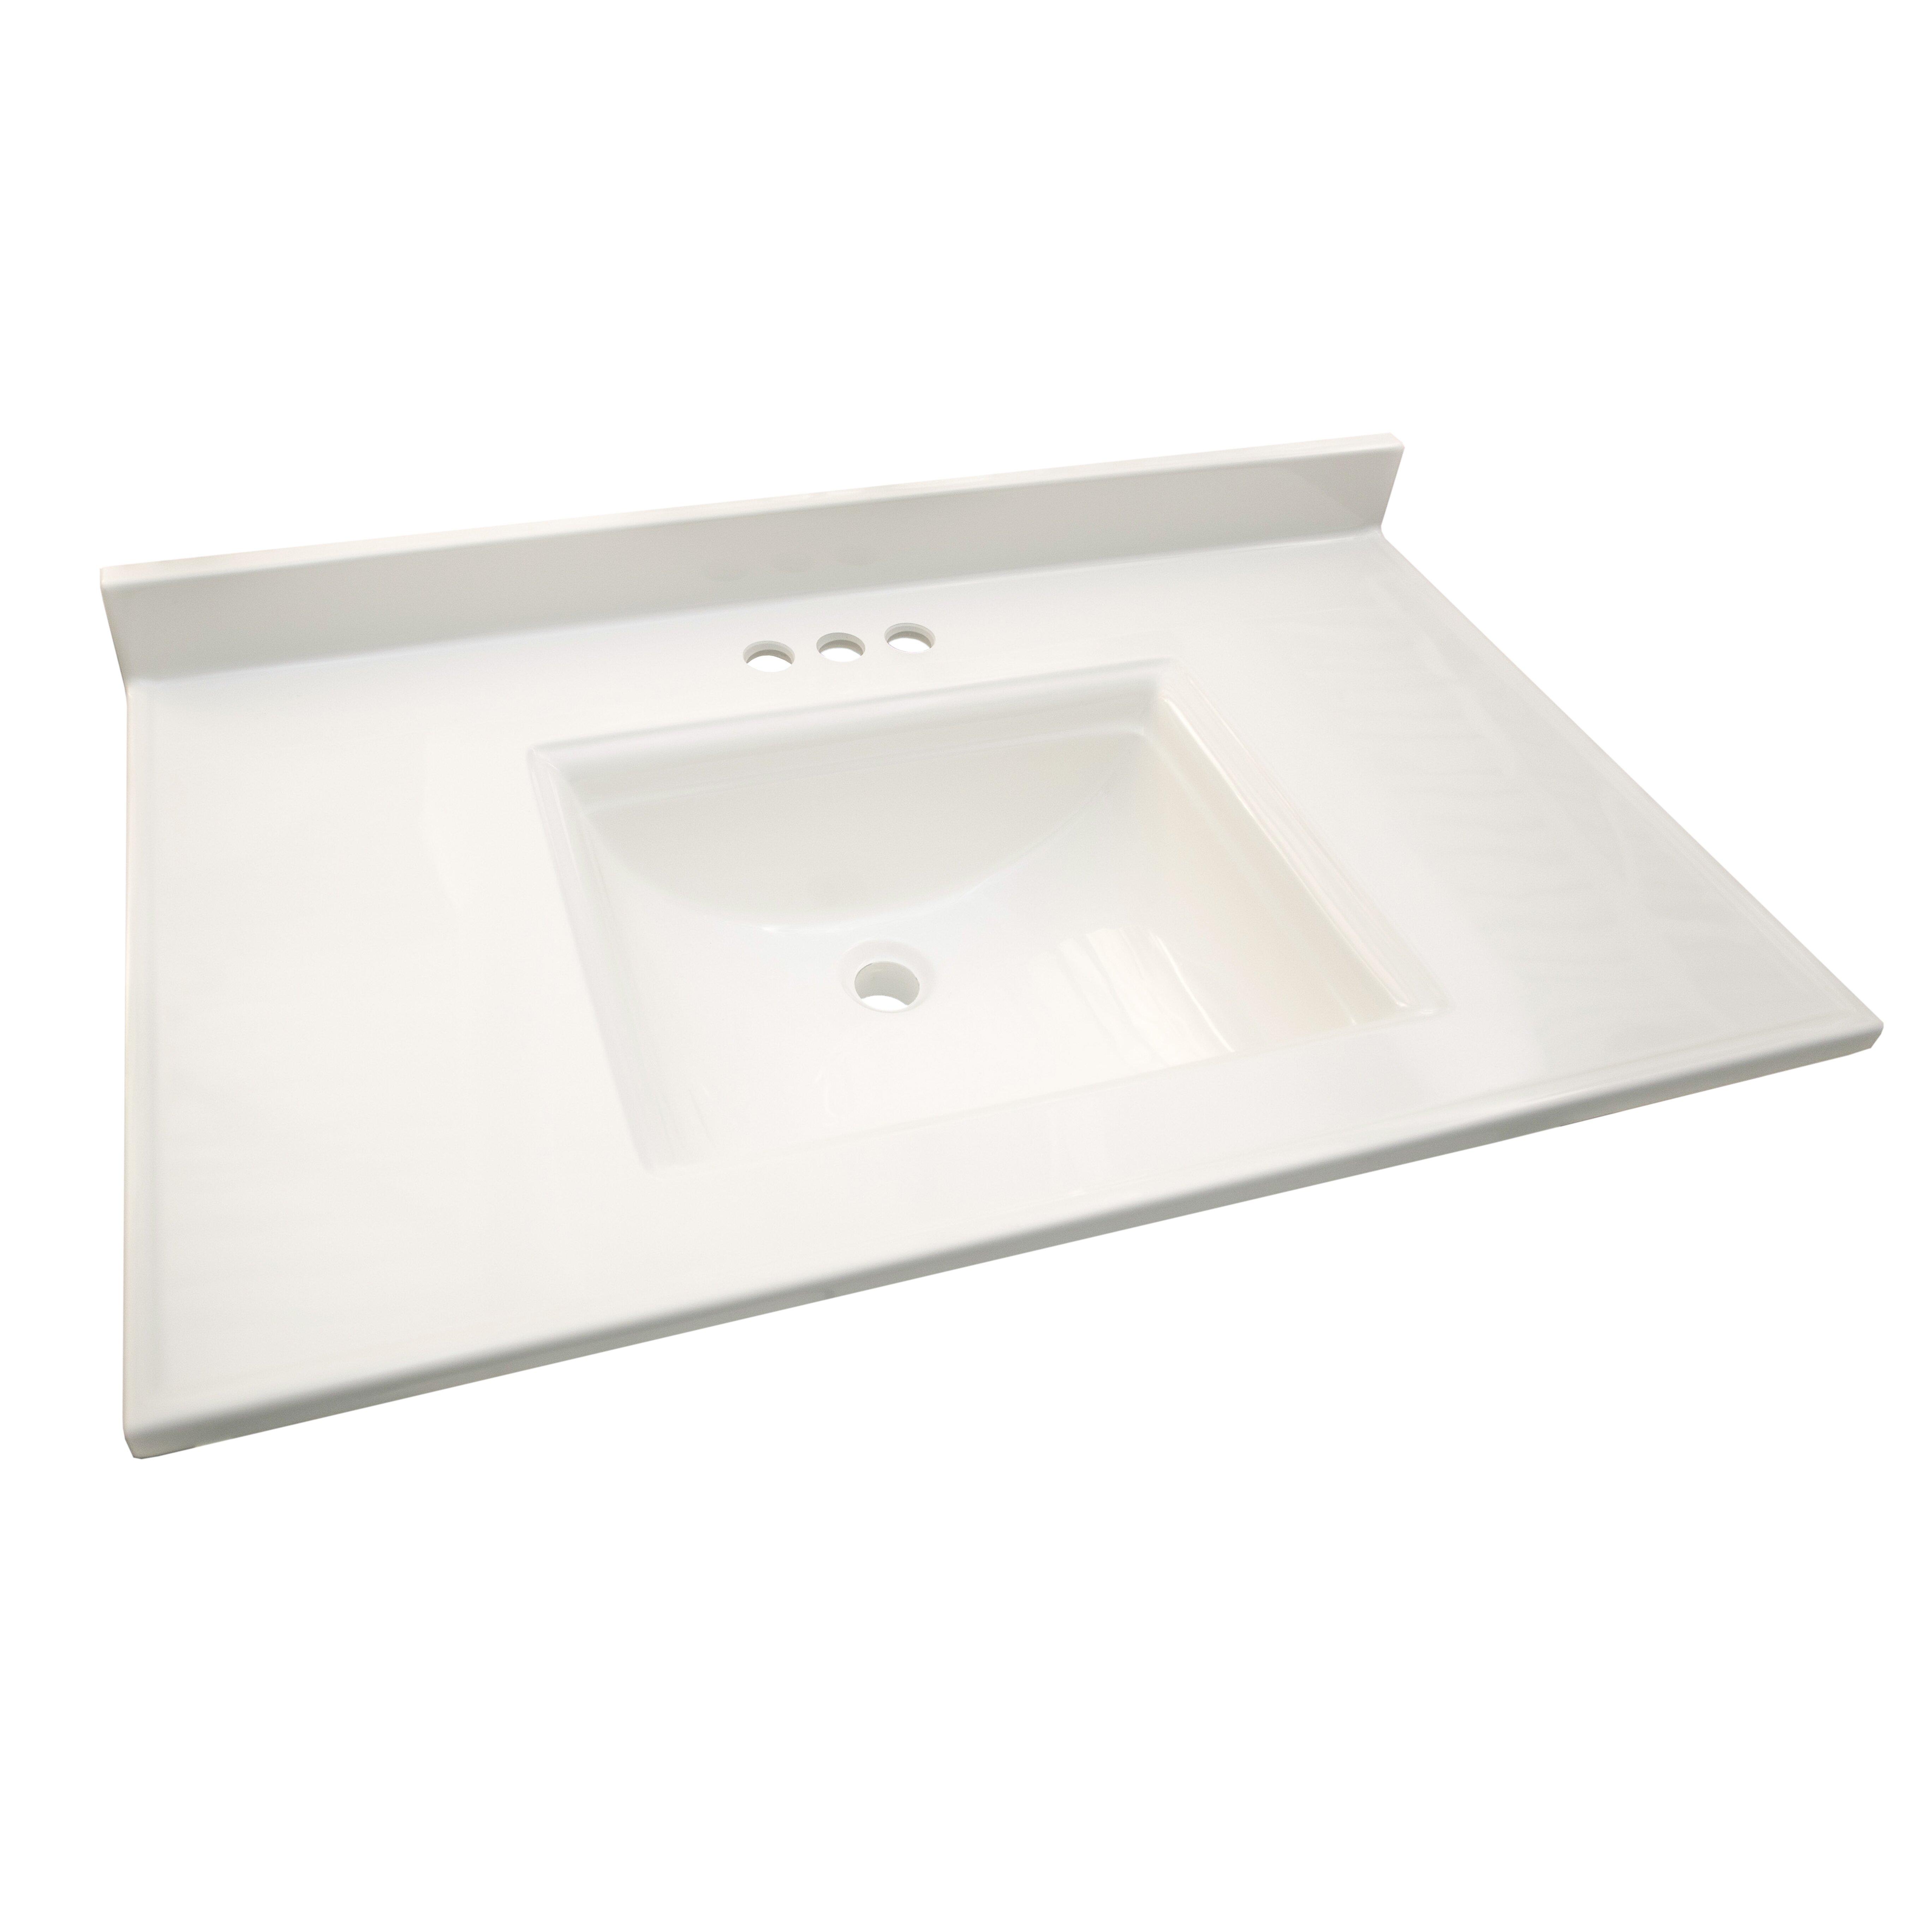 39 Bathroom Vanity Design House Camilla 39 Single Bathroom Vanity Top Reviews